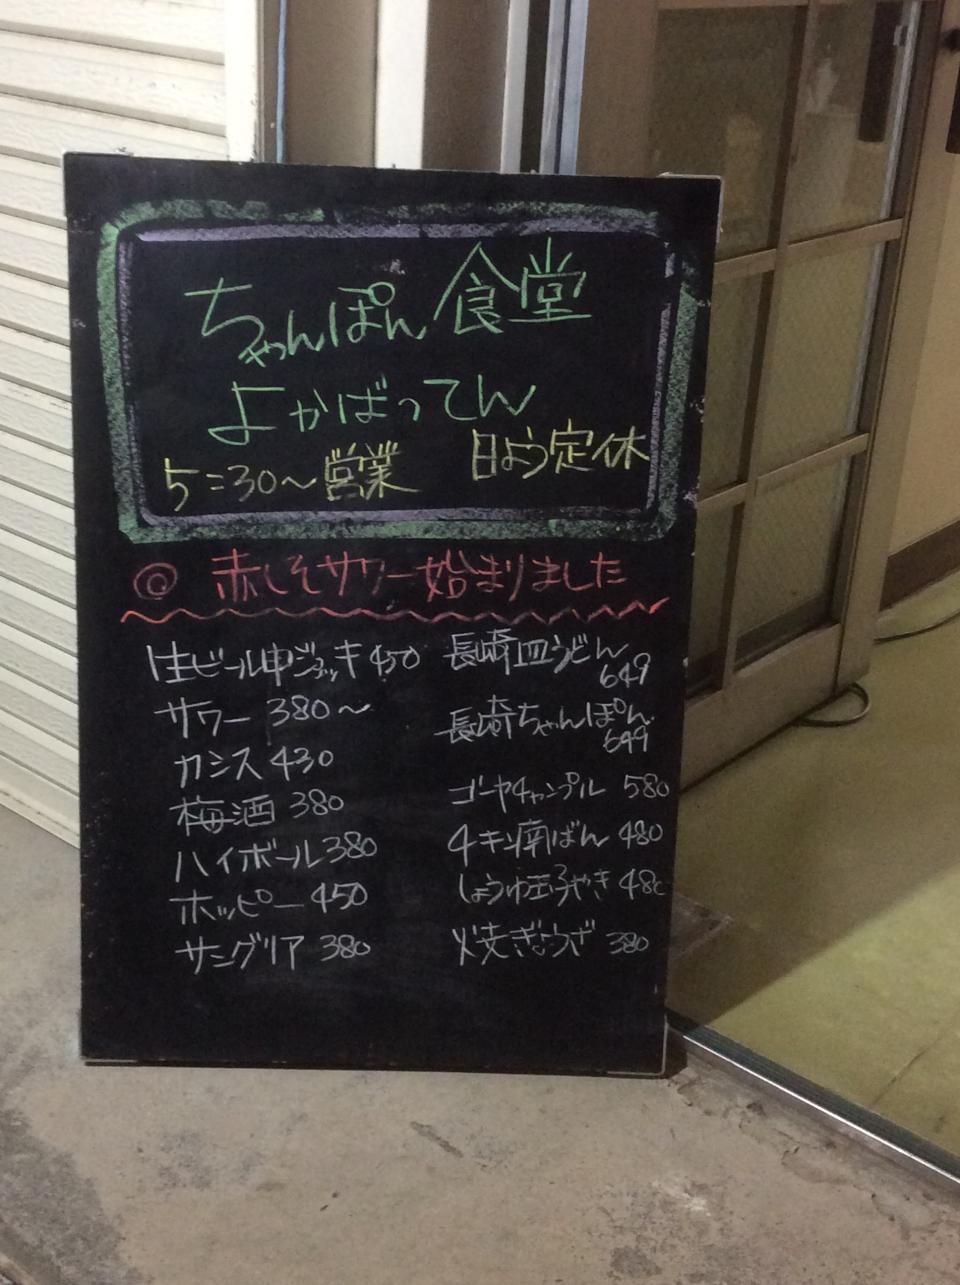 ちゃんぽん食堂 よかばってん(店舗外観)